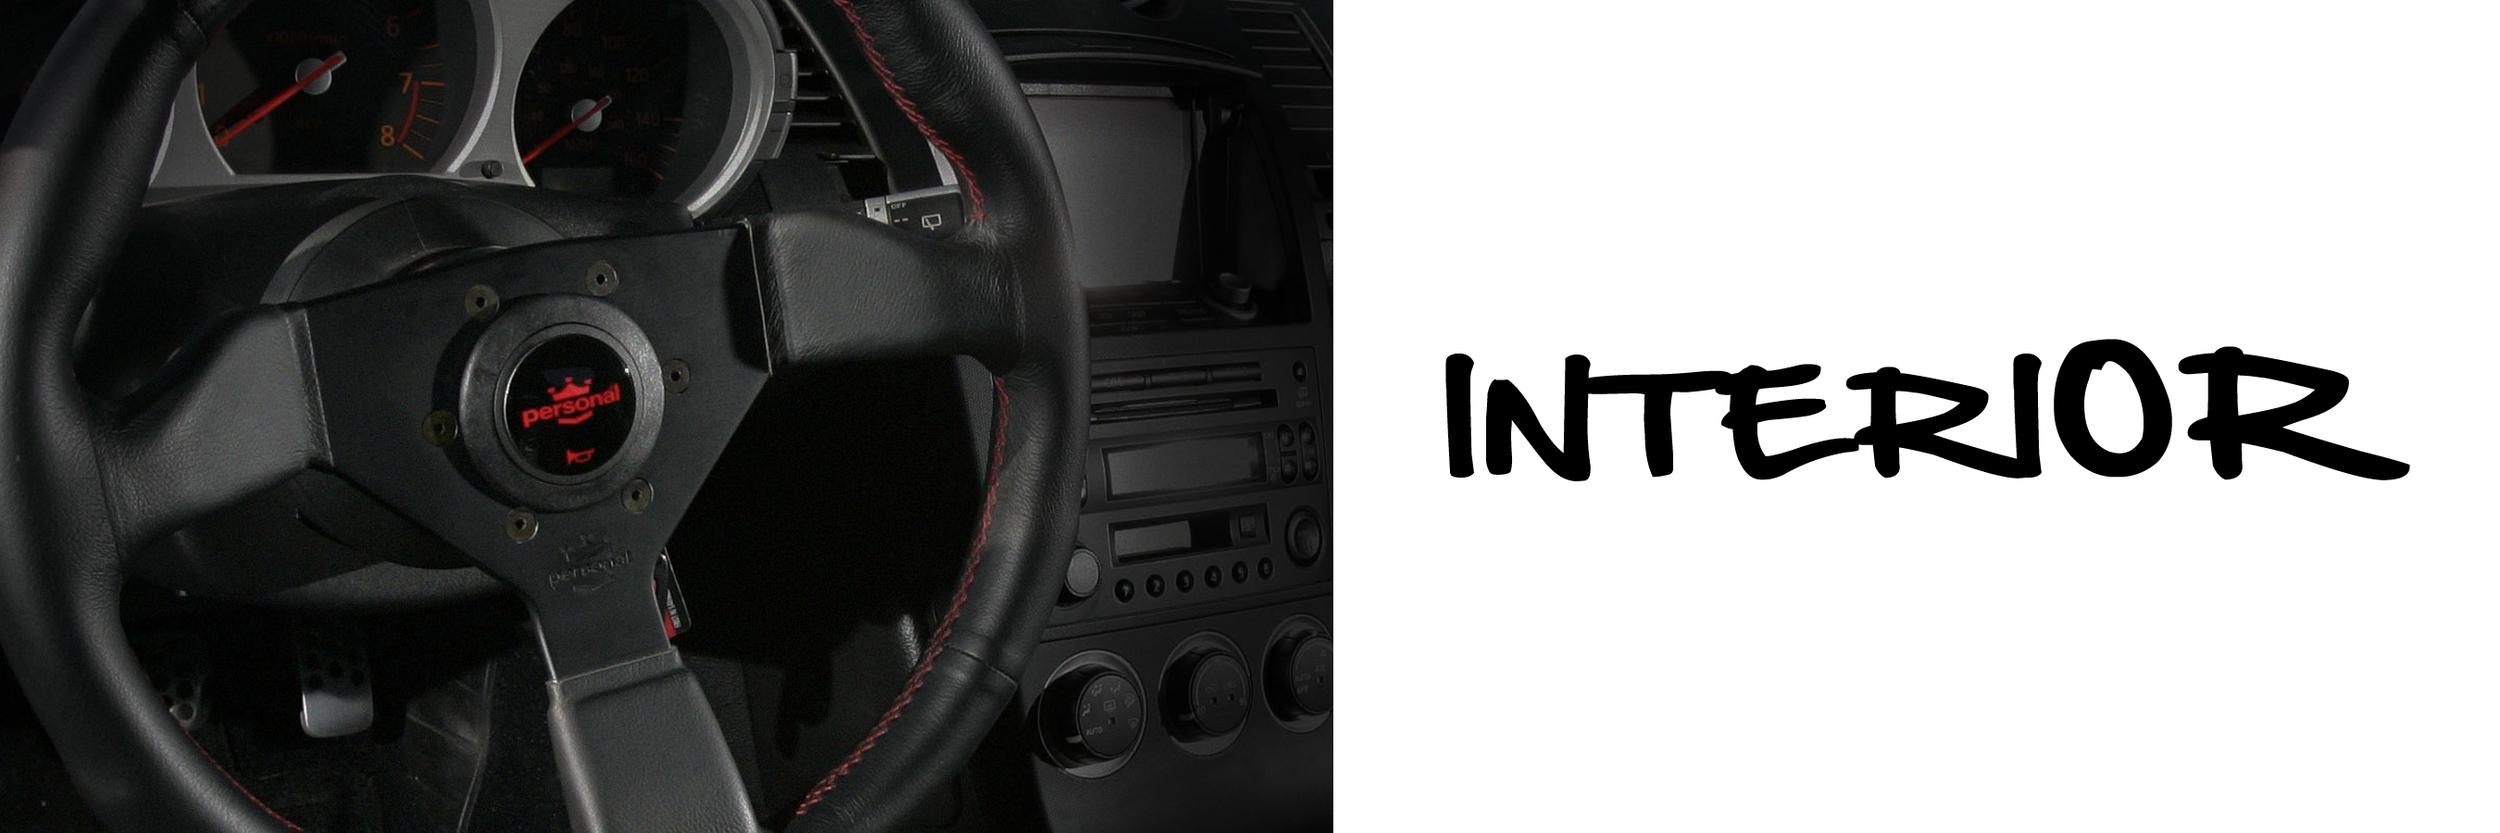 Main_Interior.png